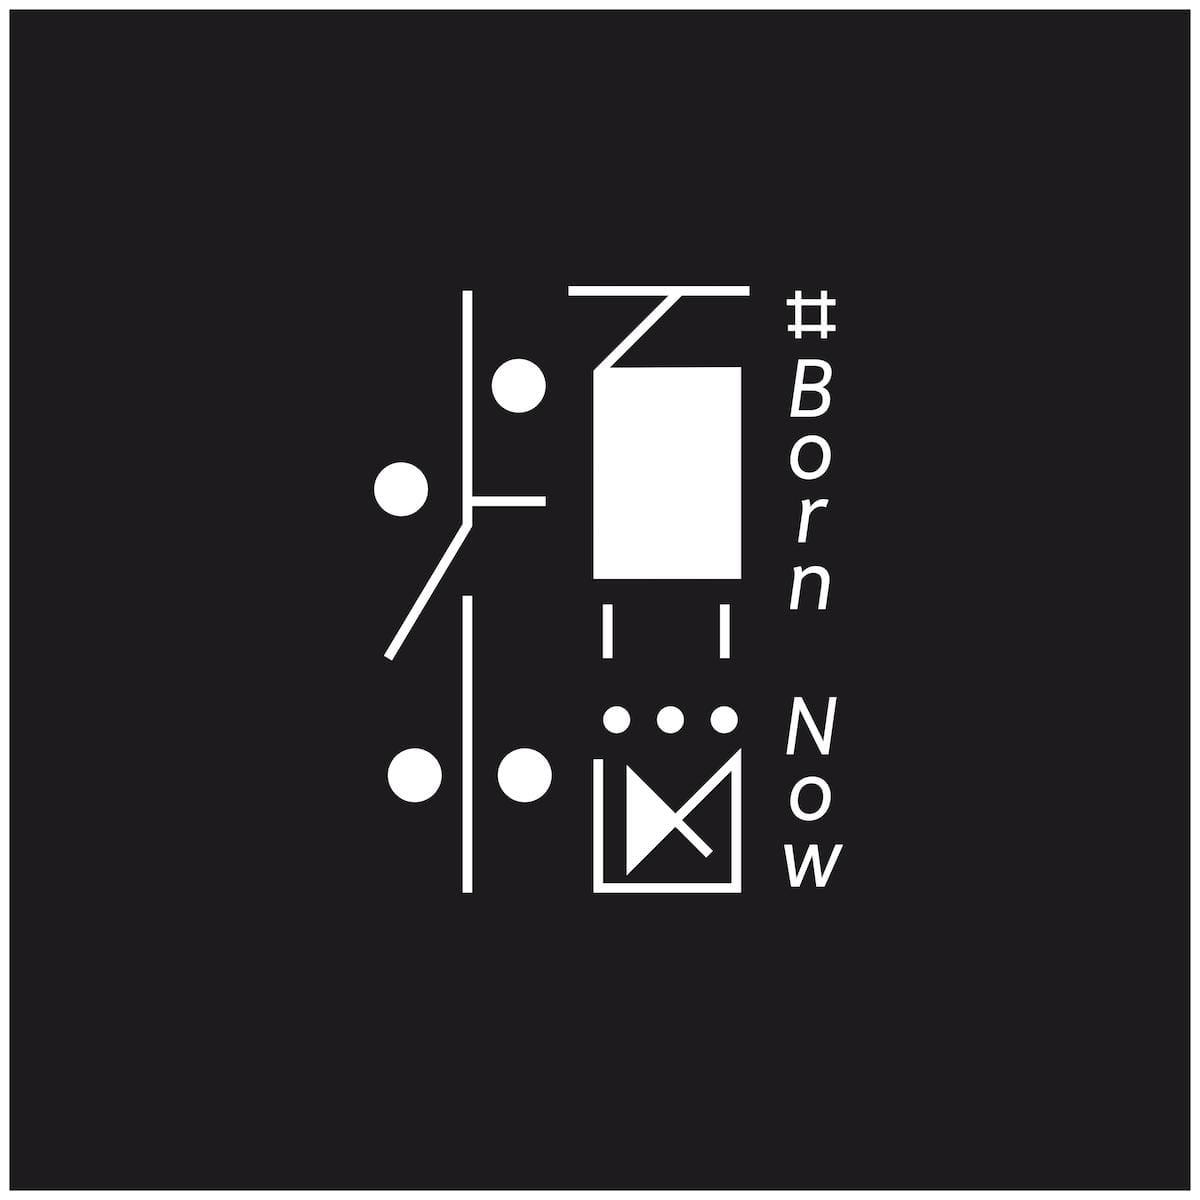 寺×HIPHOP!?7月開催のカルチャーフェス<煩悩 #BornNow 2018>にKick a Showやillmoreらが出演決定 music180529-bornnow-2-1200x1200